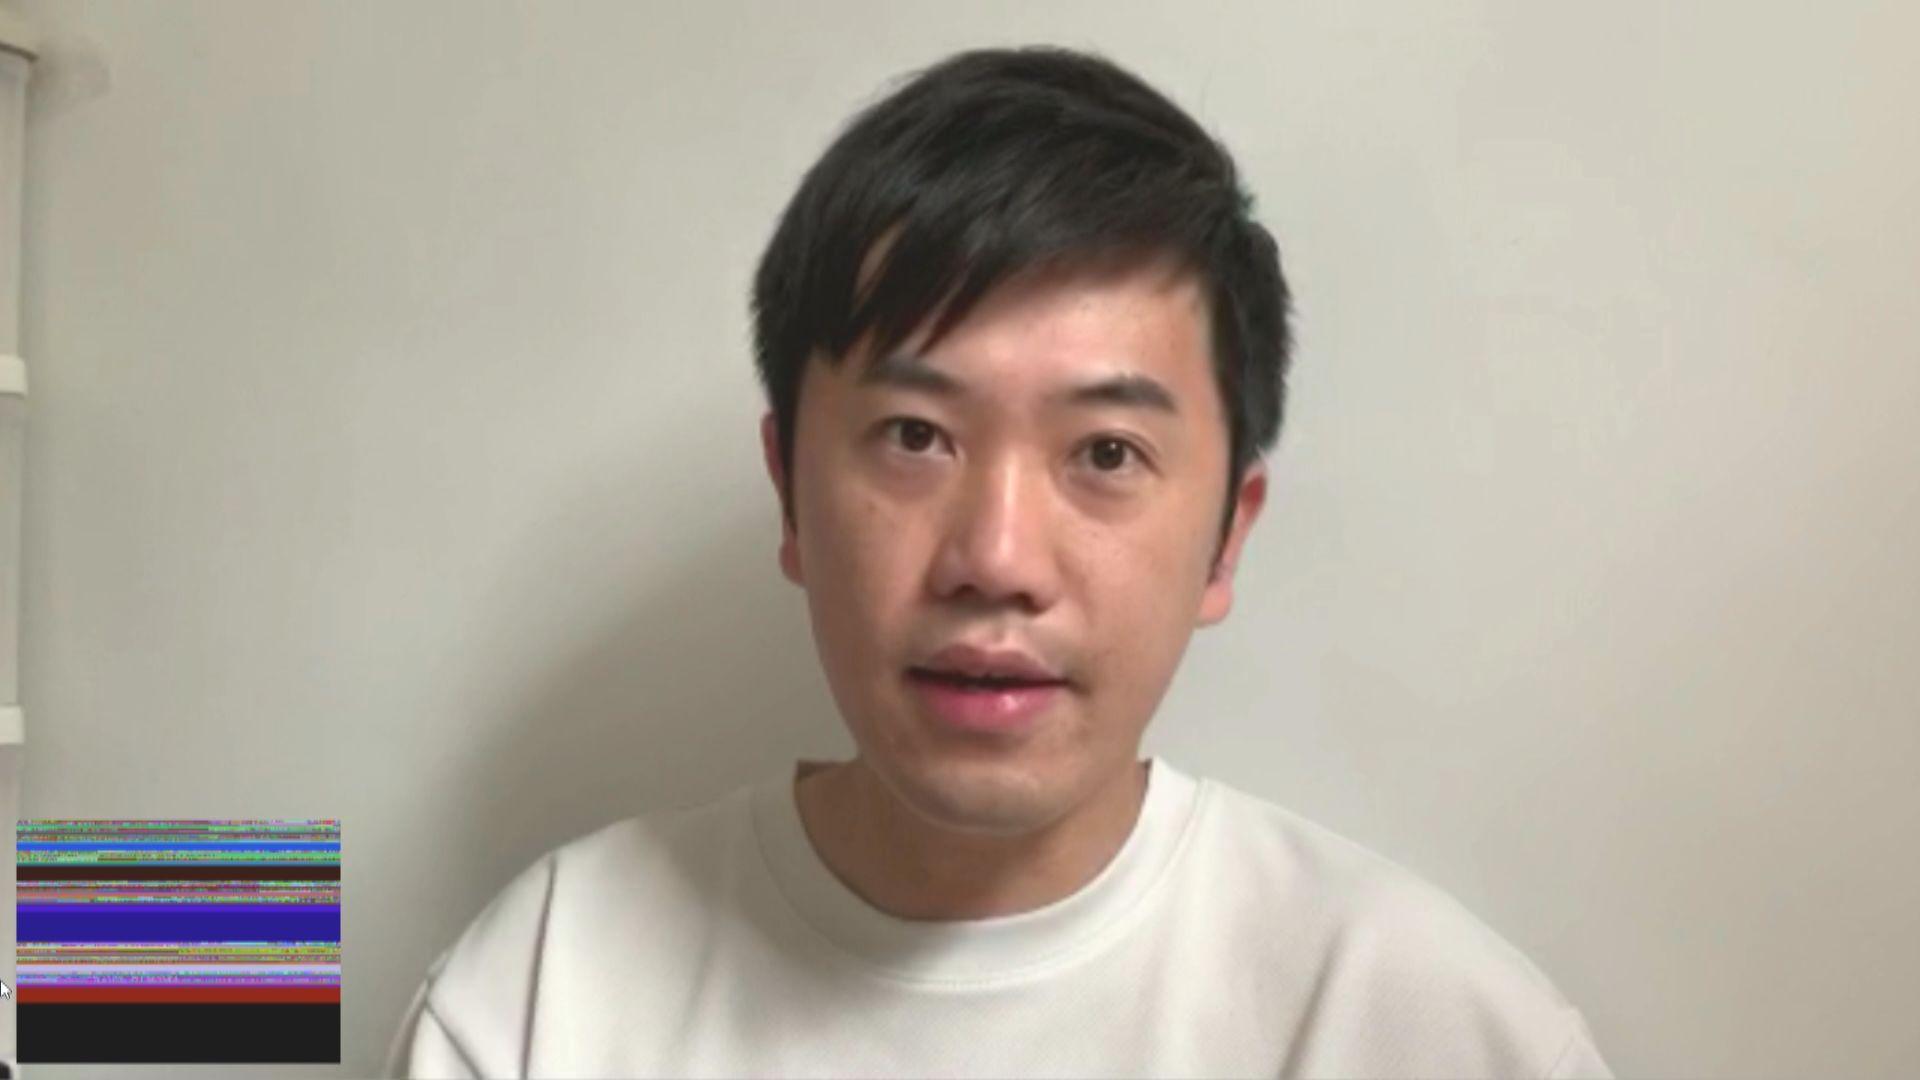 鄭松泰:會接受續任 若民主派決定不續任應反思之後是否繼續參與香港的選舉